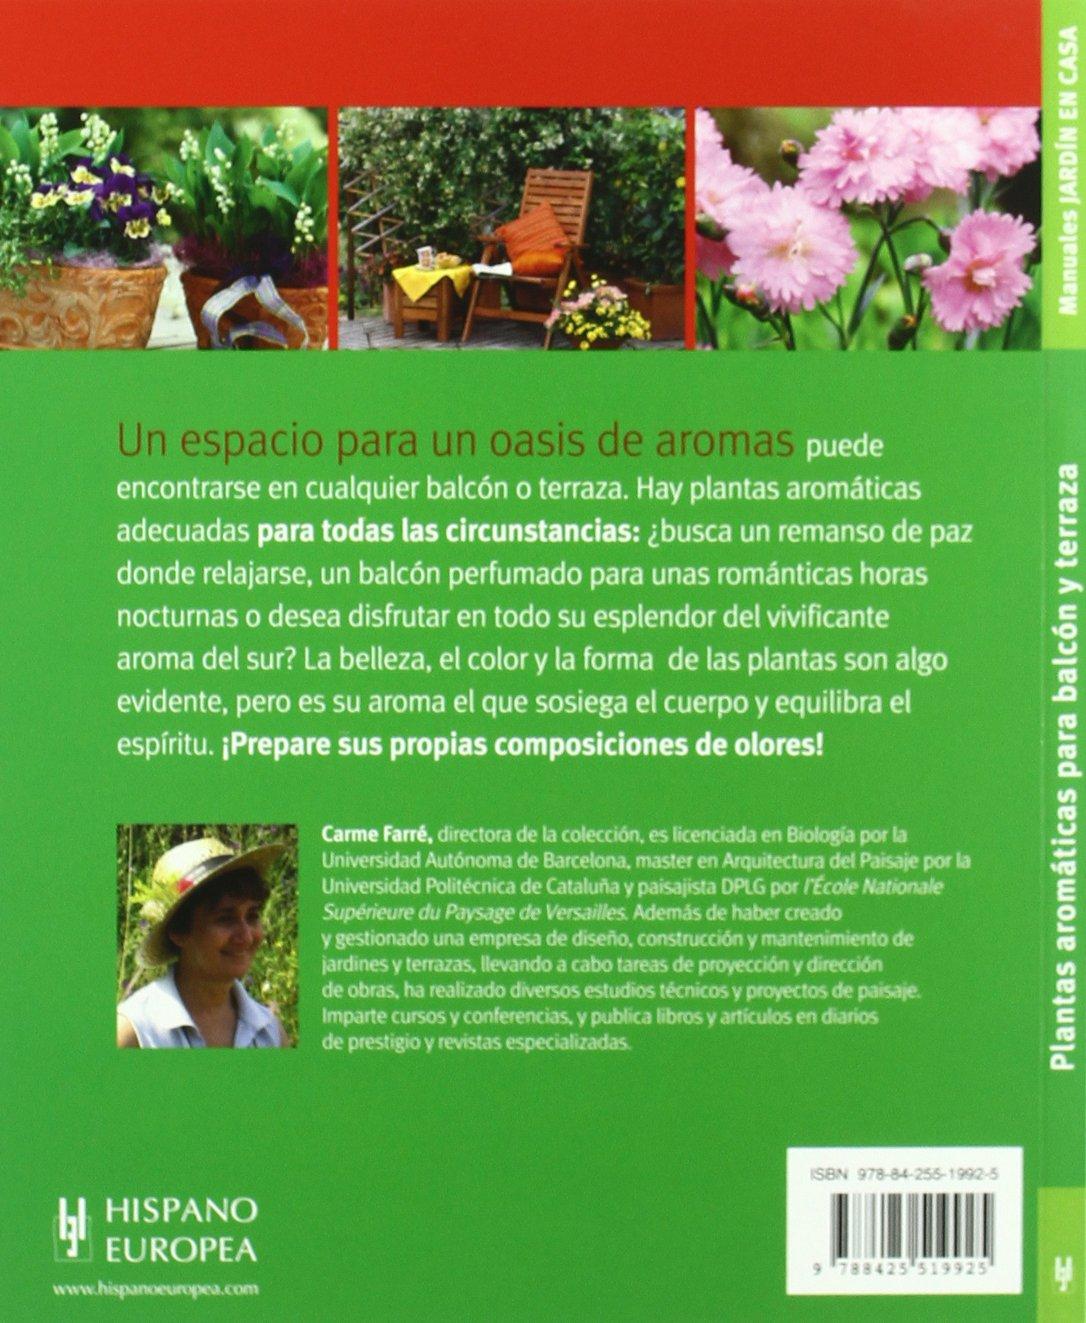 Plantas Aromaticas Para Balcon Y Terraza Aromatic Plants